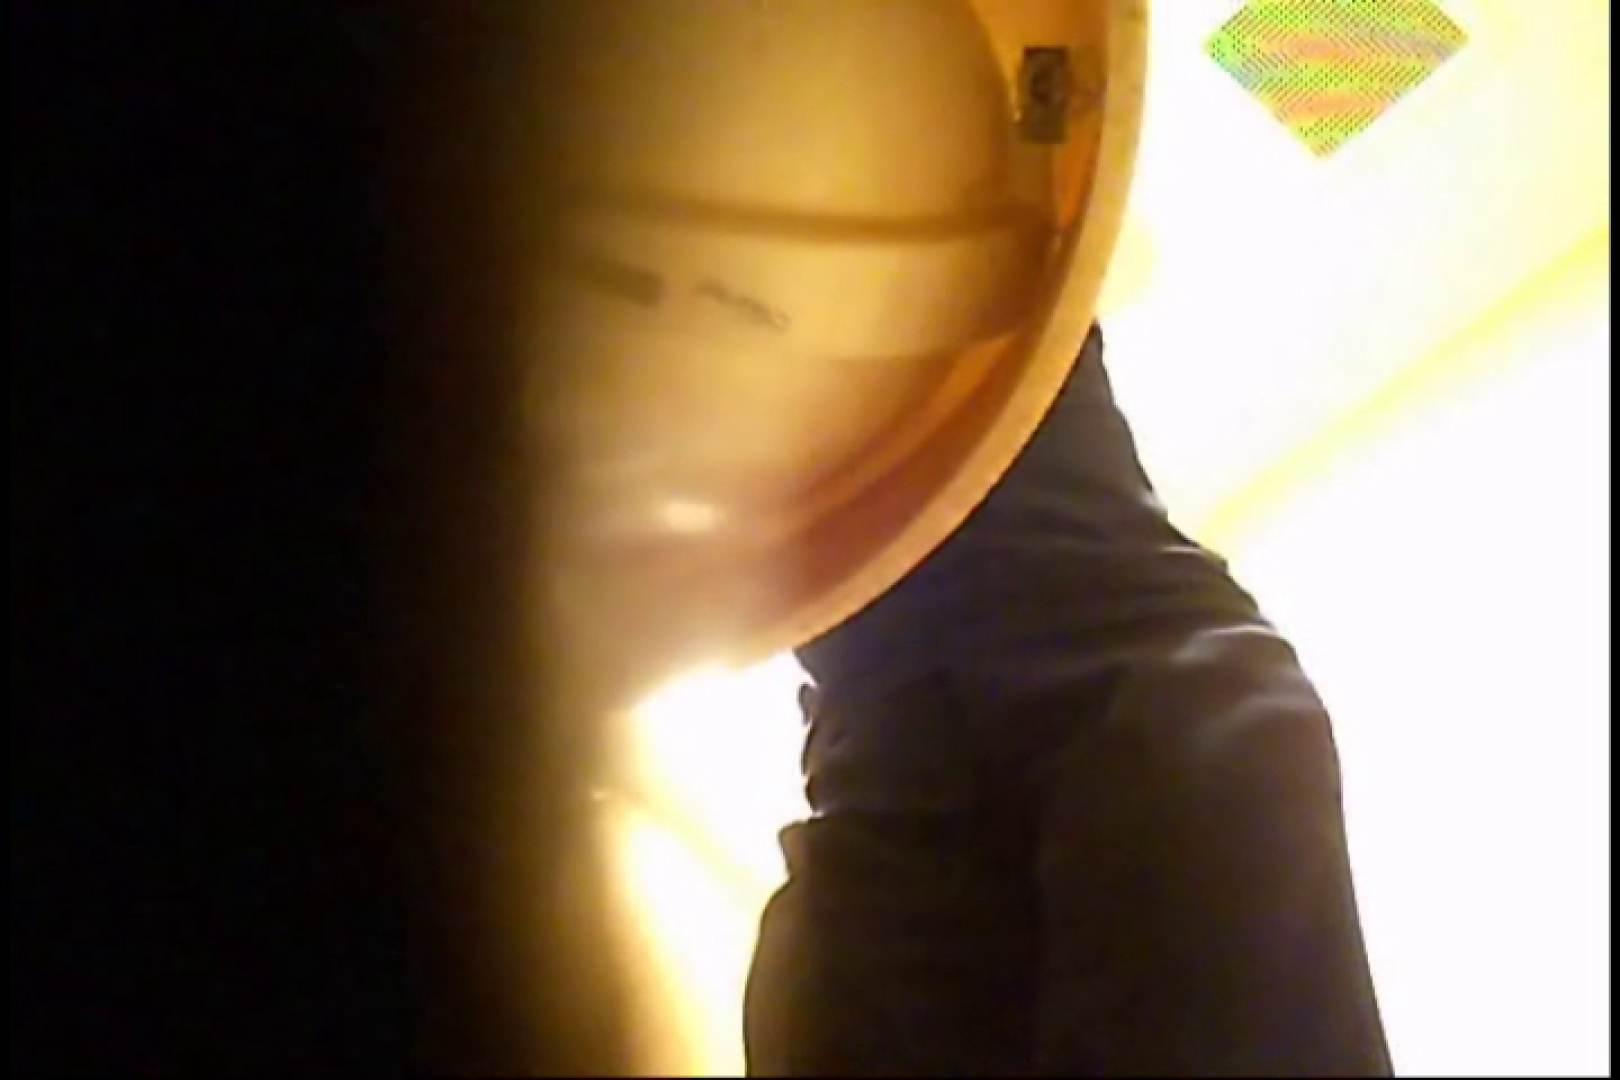 潜入!!女子化粧室盗撮~絶対見られたくない時間~vo,33 エッチな盗撮 ヌード画像 75pic 30